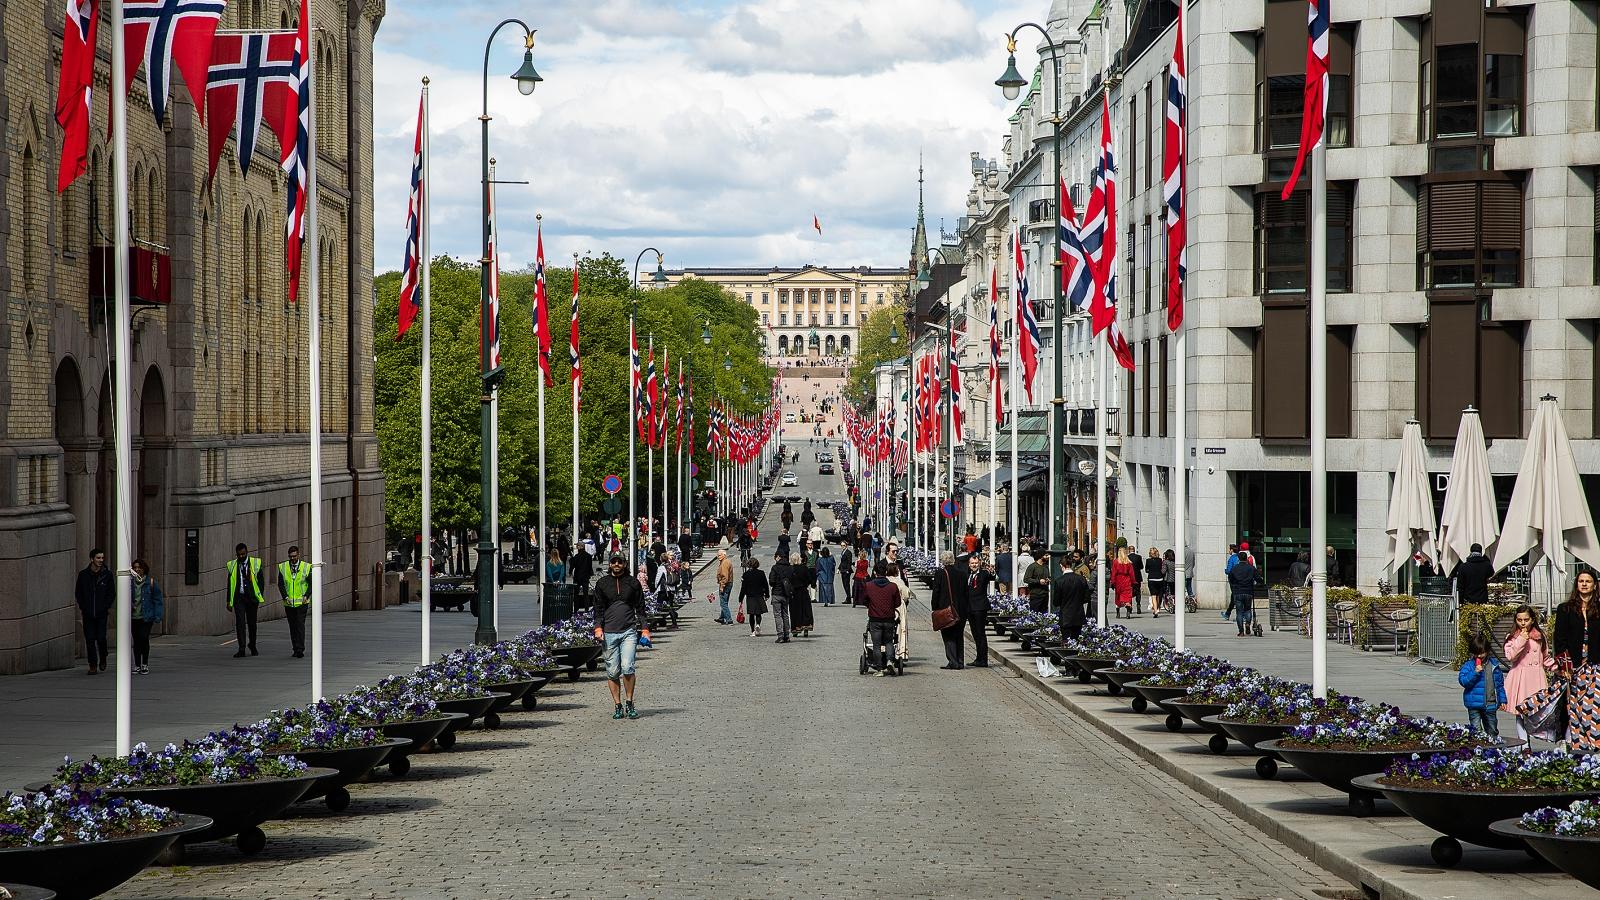 Karl-Johan uten barnetog. Dette synet er det vi ikke kommer til å glemme fra 17. mai 2020. I anledning 17. mai kom debatten om nasjonal selvråderett, nasjonalisme og globalisme opp igjen, og gikk rett i skyttergravene.